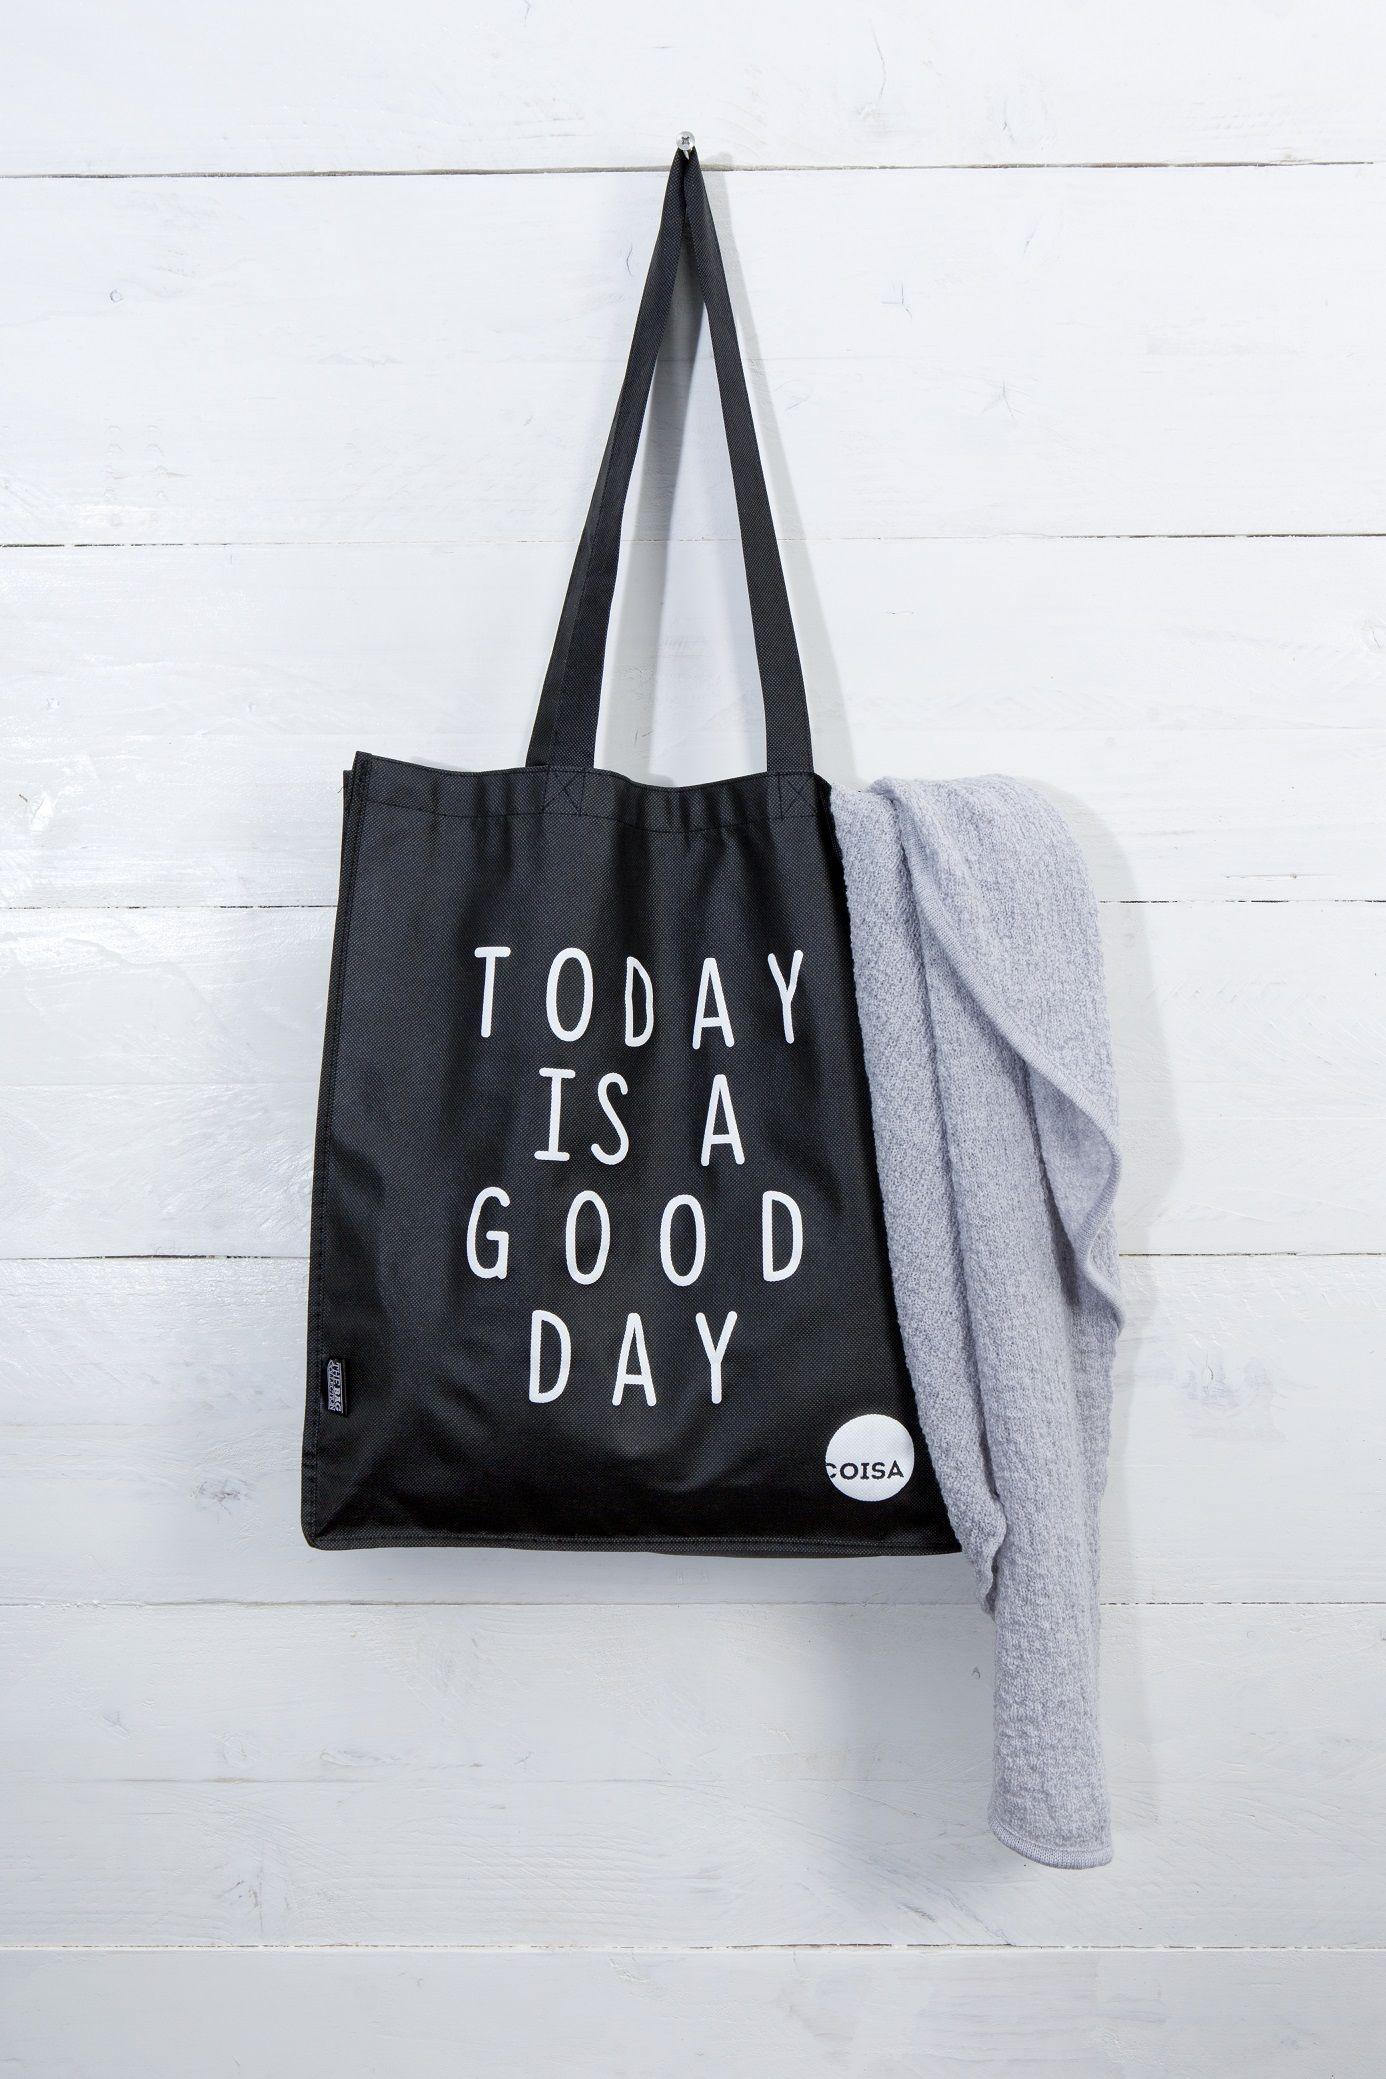 Hippe tas, superhandig voor boodschappen, strand of festival - Coisa